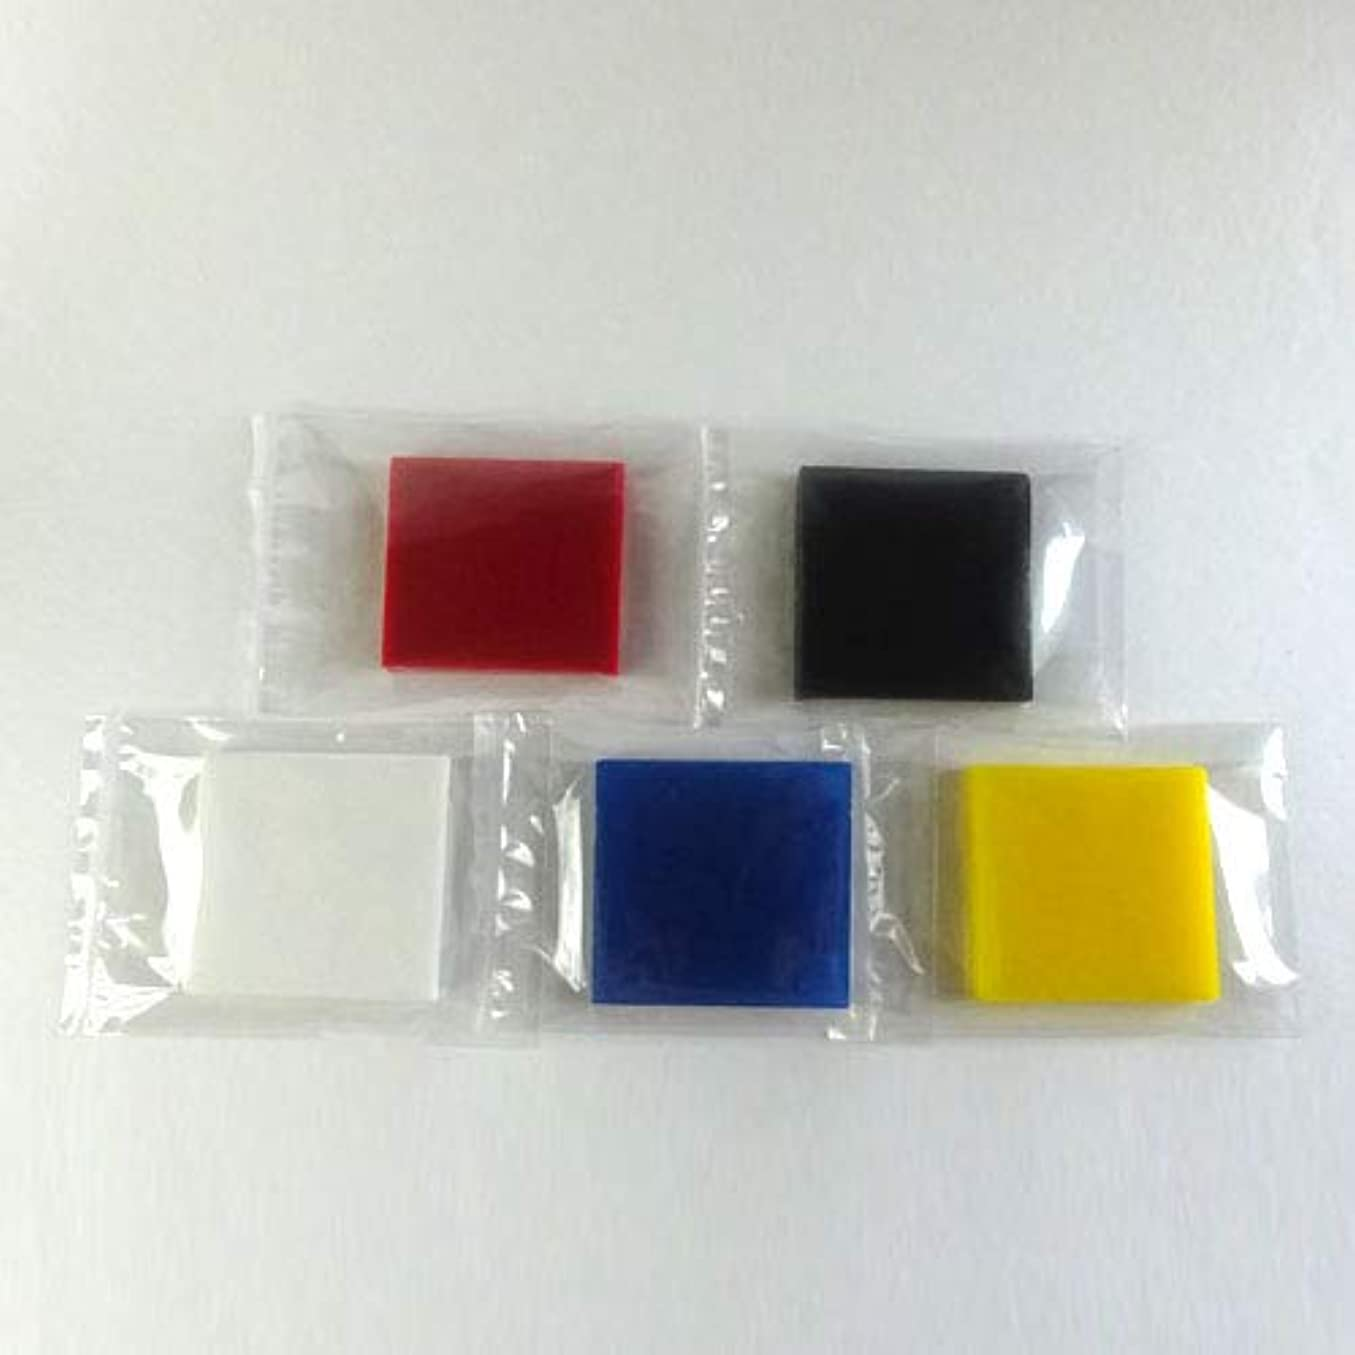 探偵数学ジャンクグリセリンソープ MPソープ 色チップ 5色(赤?青?黄?白?黒) 各30g